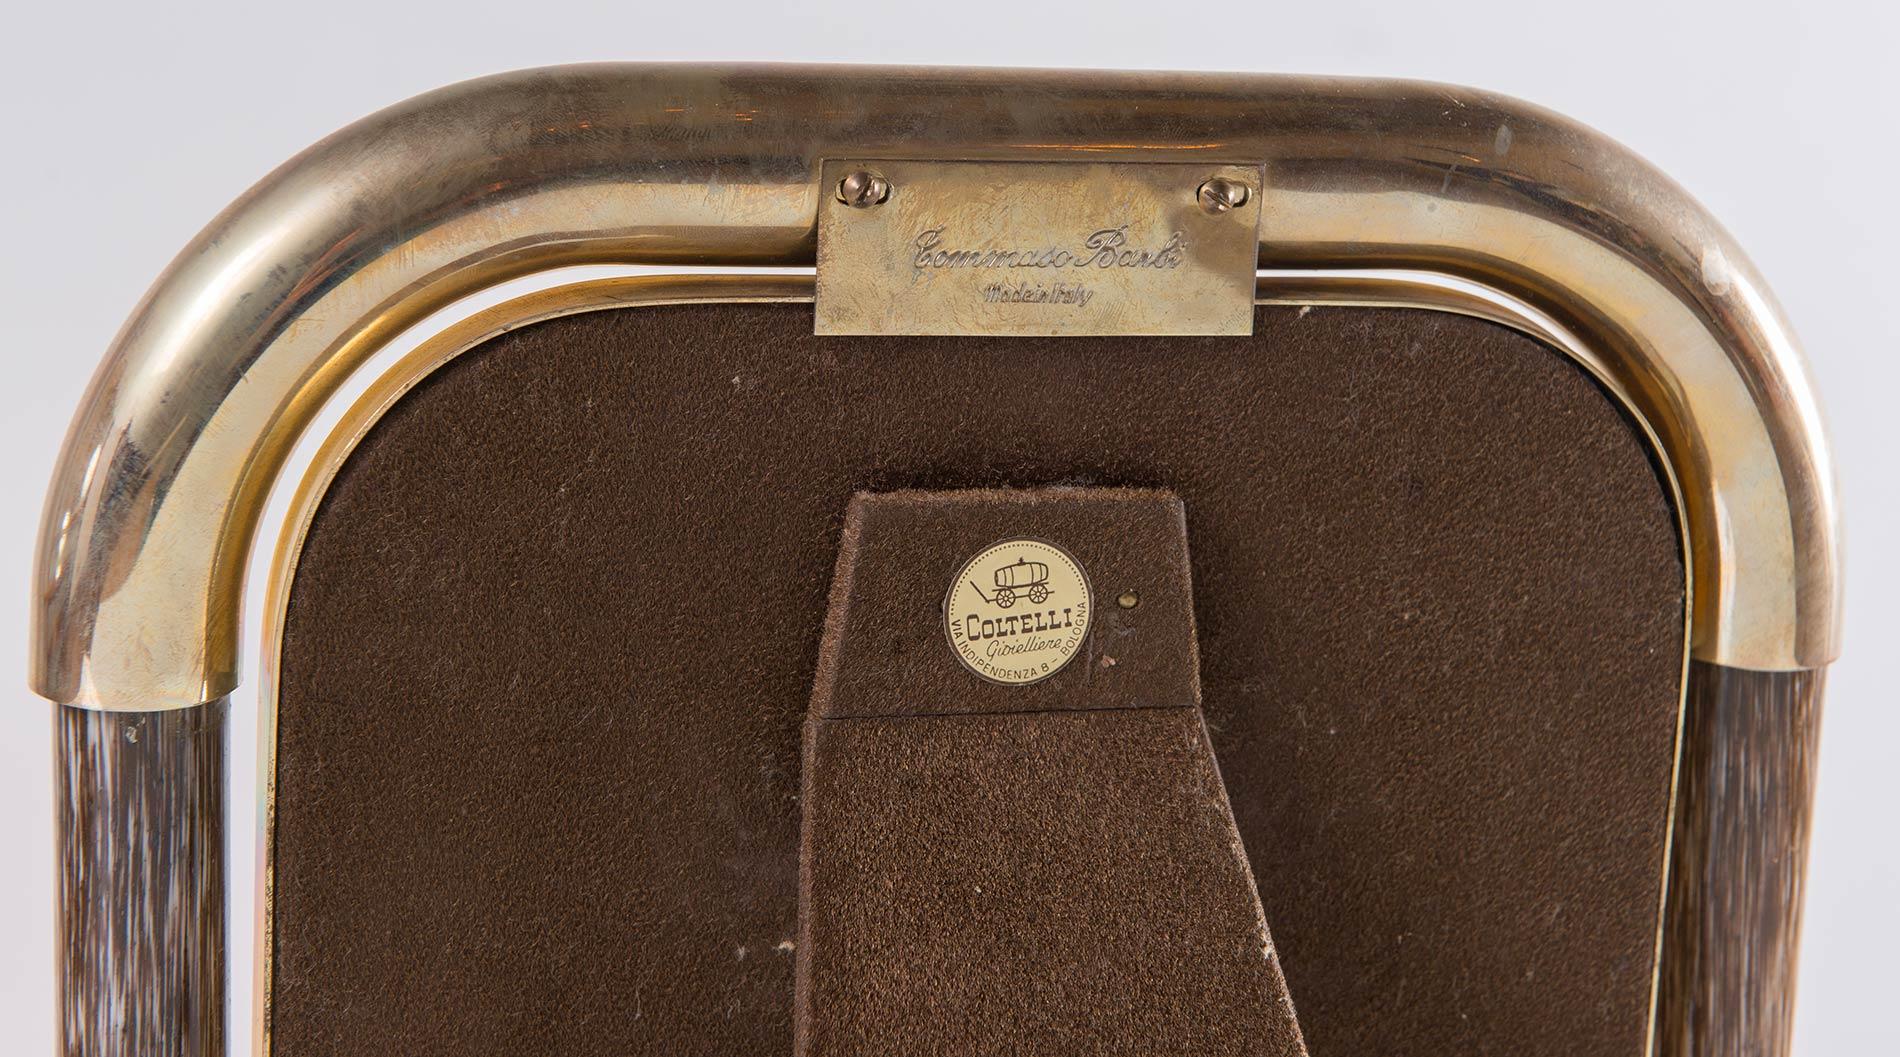 Tommaso Barbi, Cornice porta-foto a sezione quadrata con bordi smussati, Anni '70. - Image 3 of 3